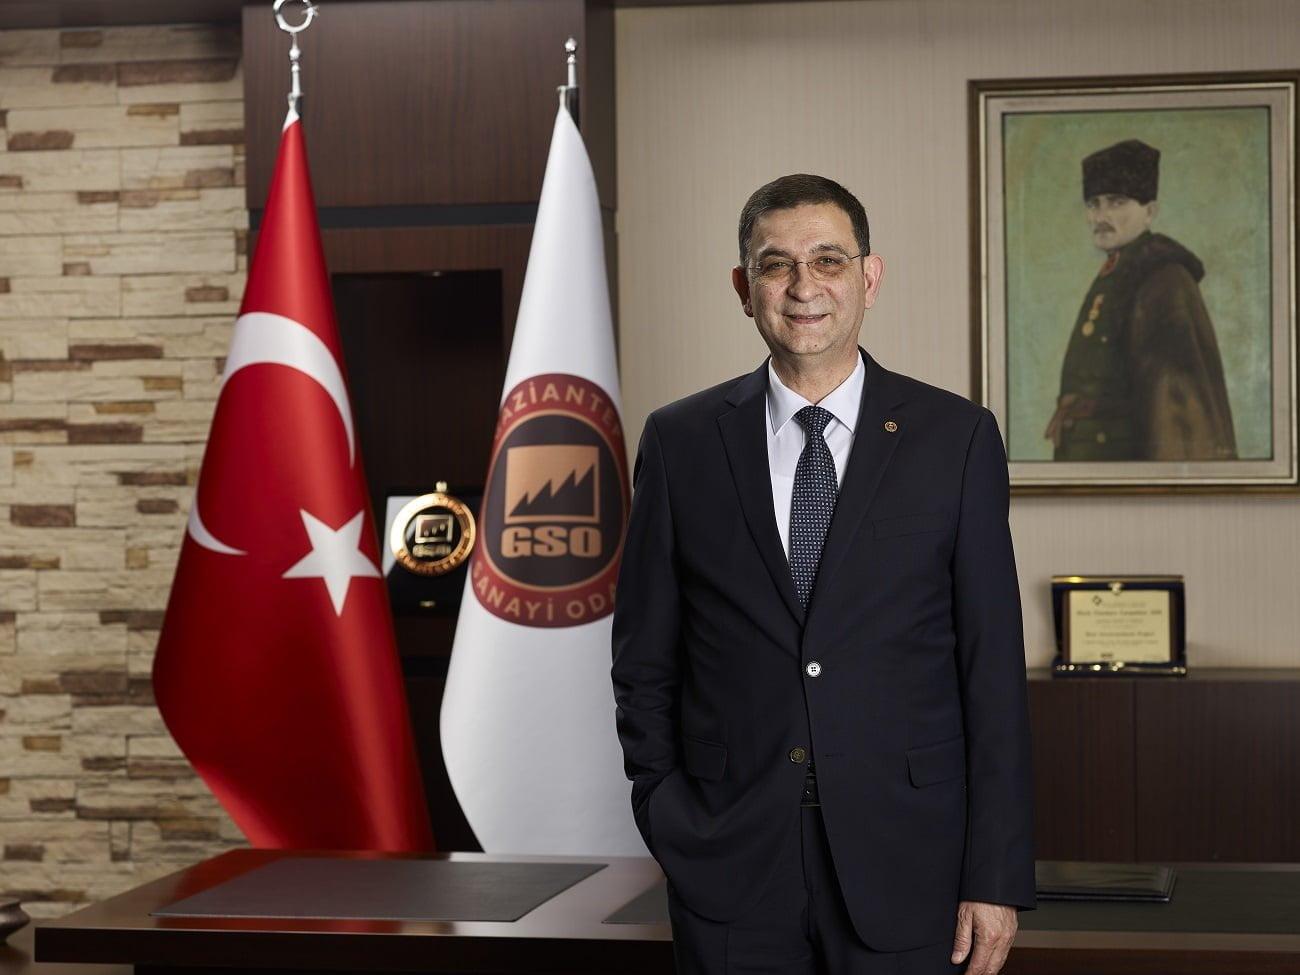 İlk 6 ayda, Türkiye Ortalamasının Yaklaşık 4 Katı İhracat Gerçekleştirdik.